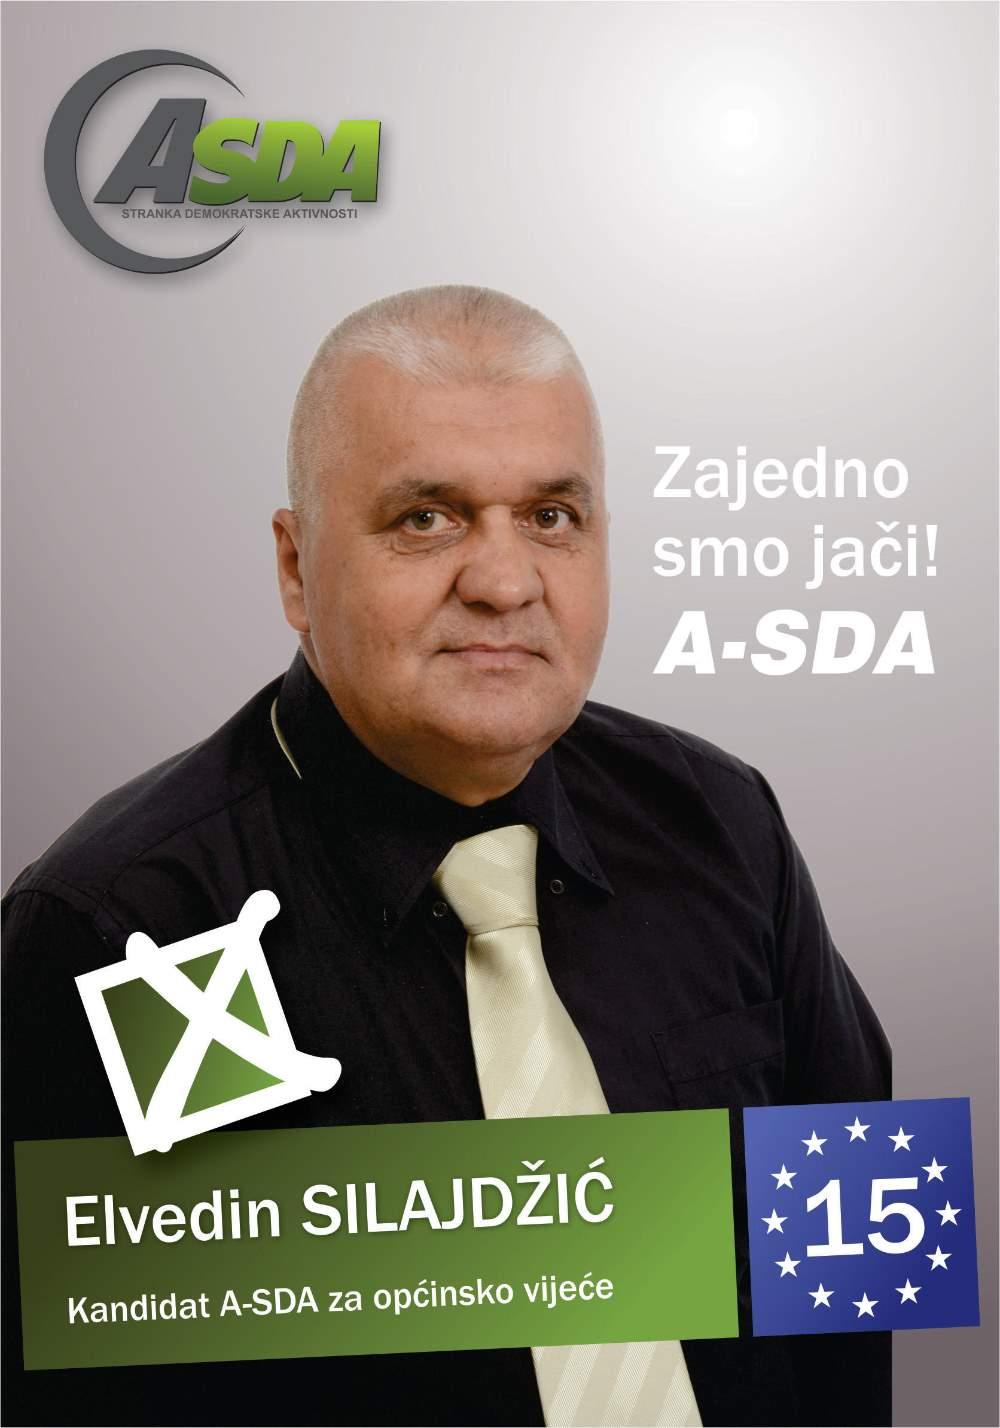 Elvedin Silajdžić